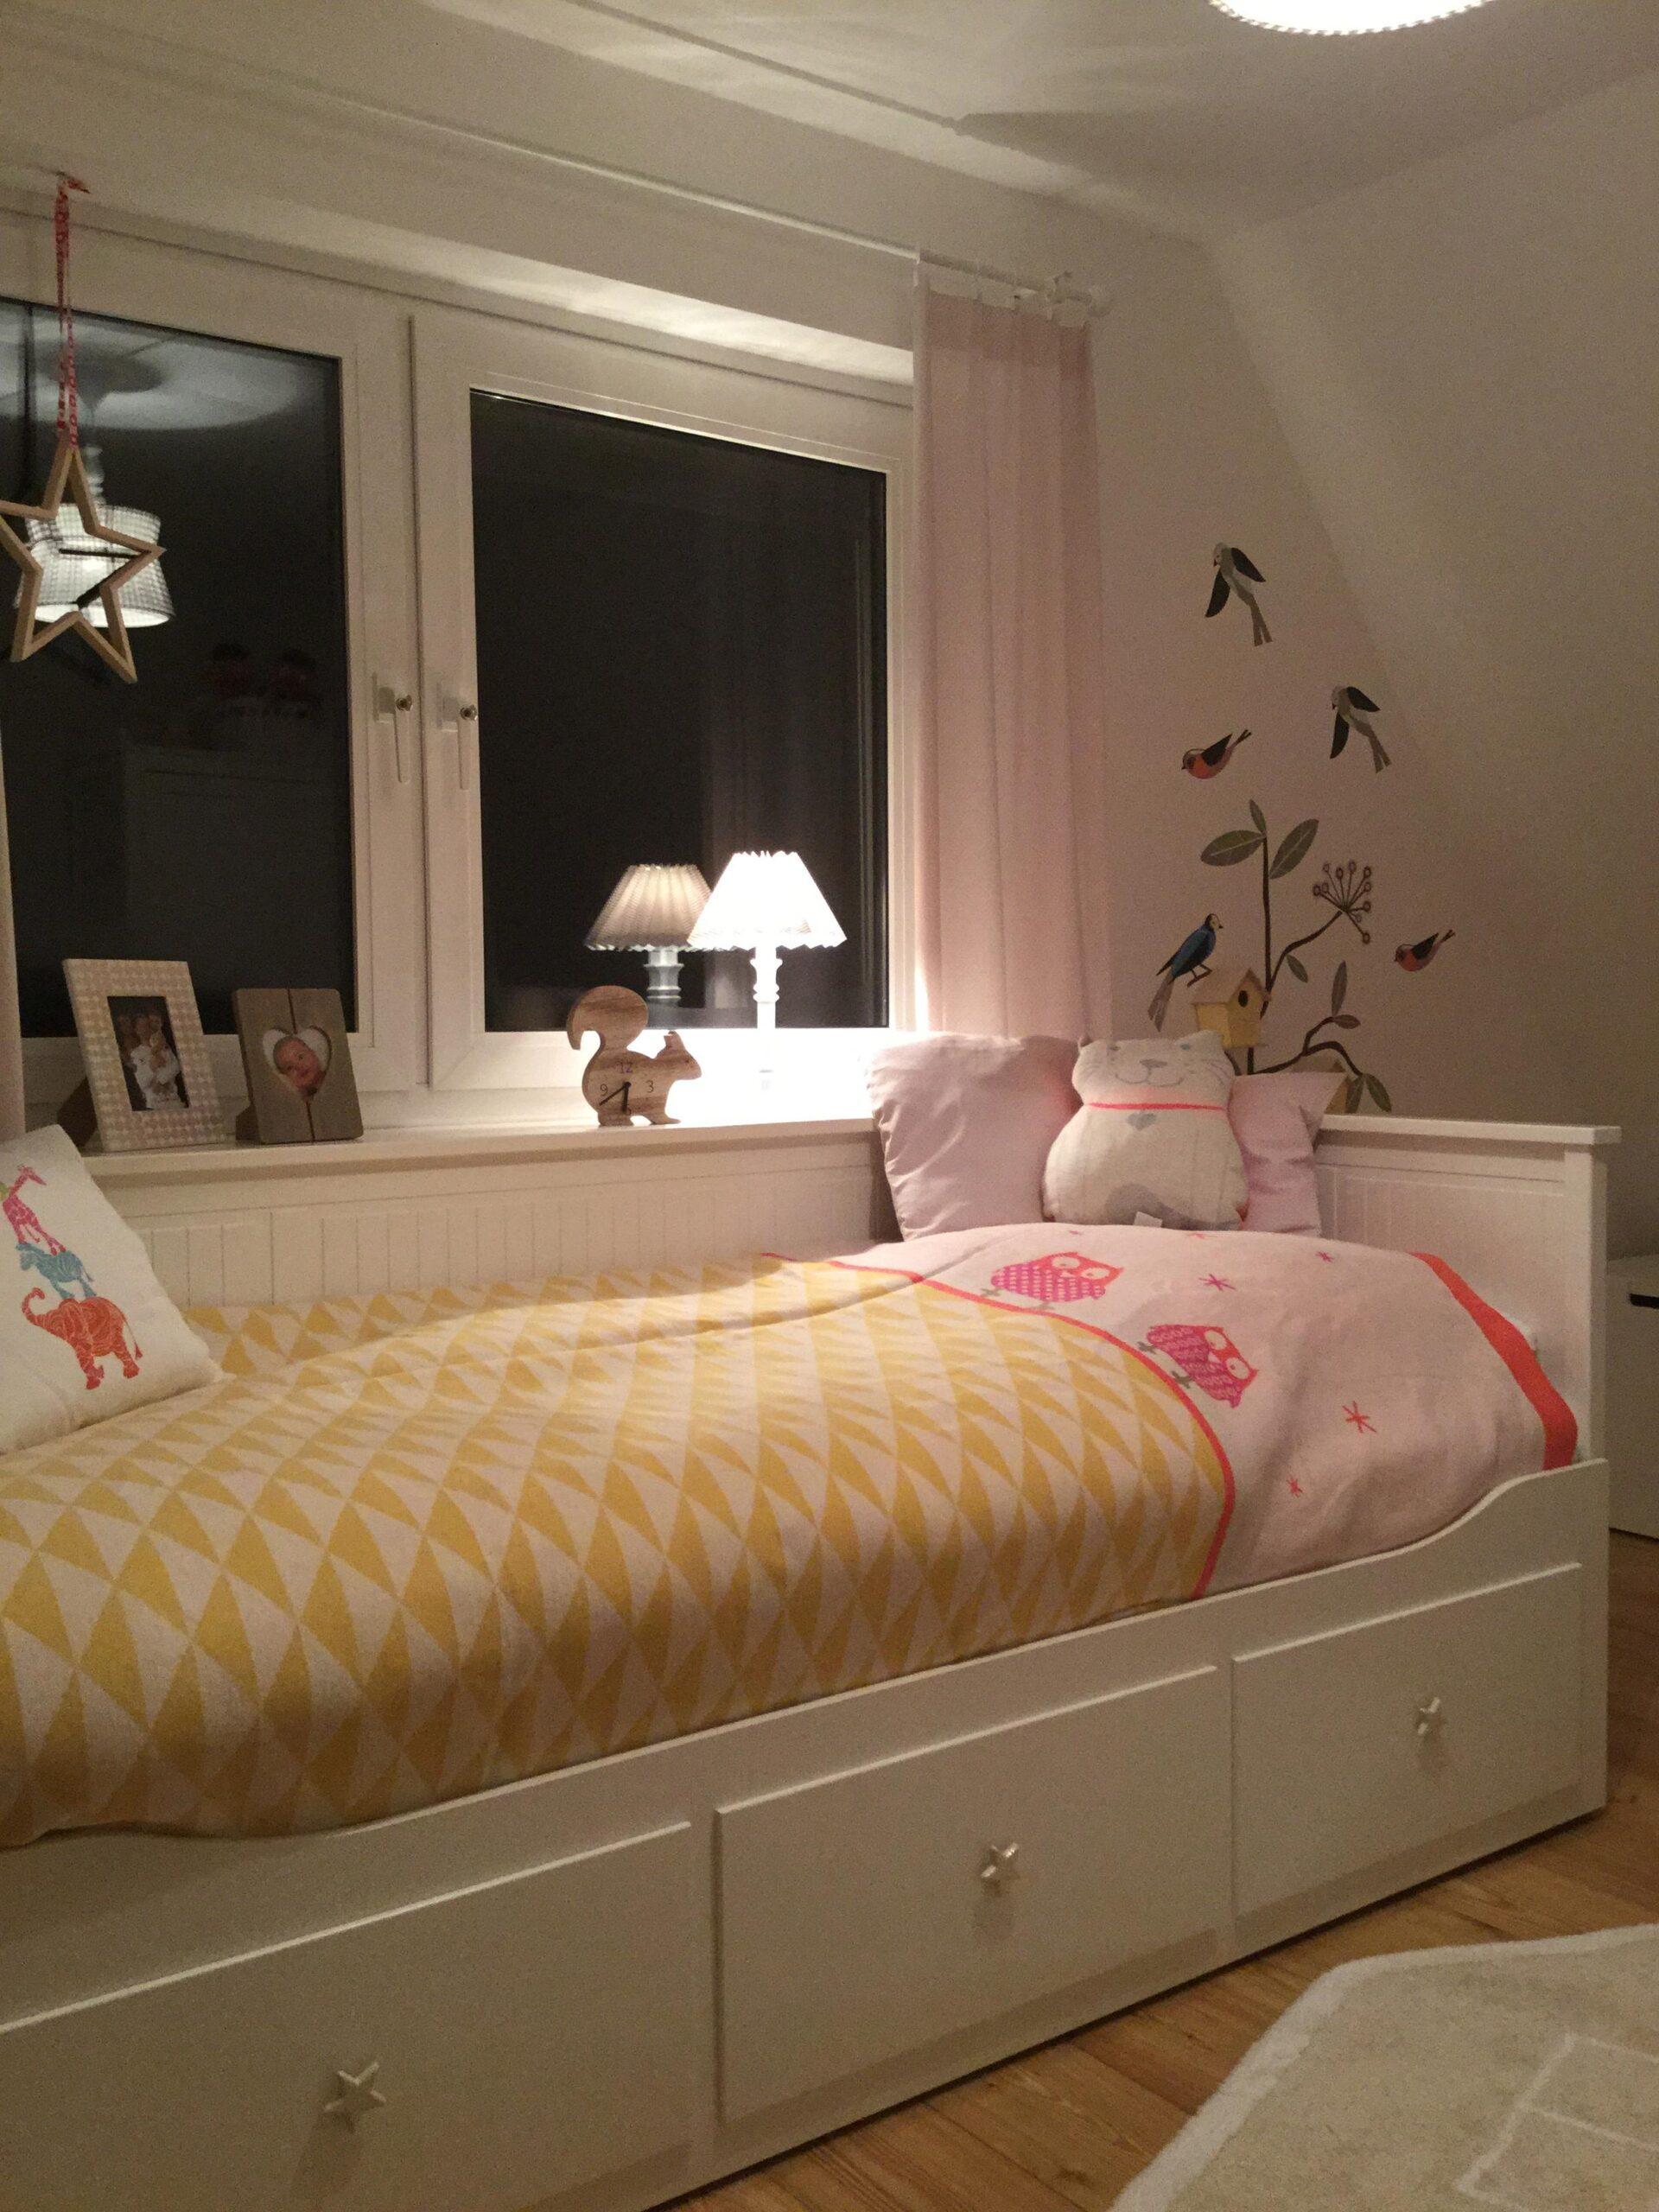 Full Size of Ikea Gardinen Gemtliches Kinderbett Bett Tagesdecke Kissen Ik Betten Bei 160x200 Fenster Für Wohnzimmer Küche Schlafzimmer Scheibengardinen Die Kaufen Wohnzimmer Ikea Gardinen